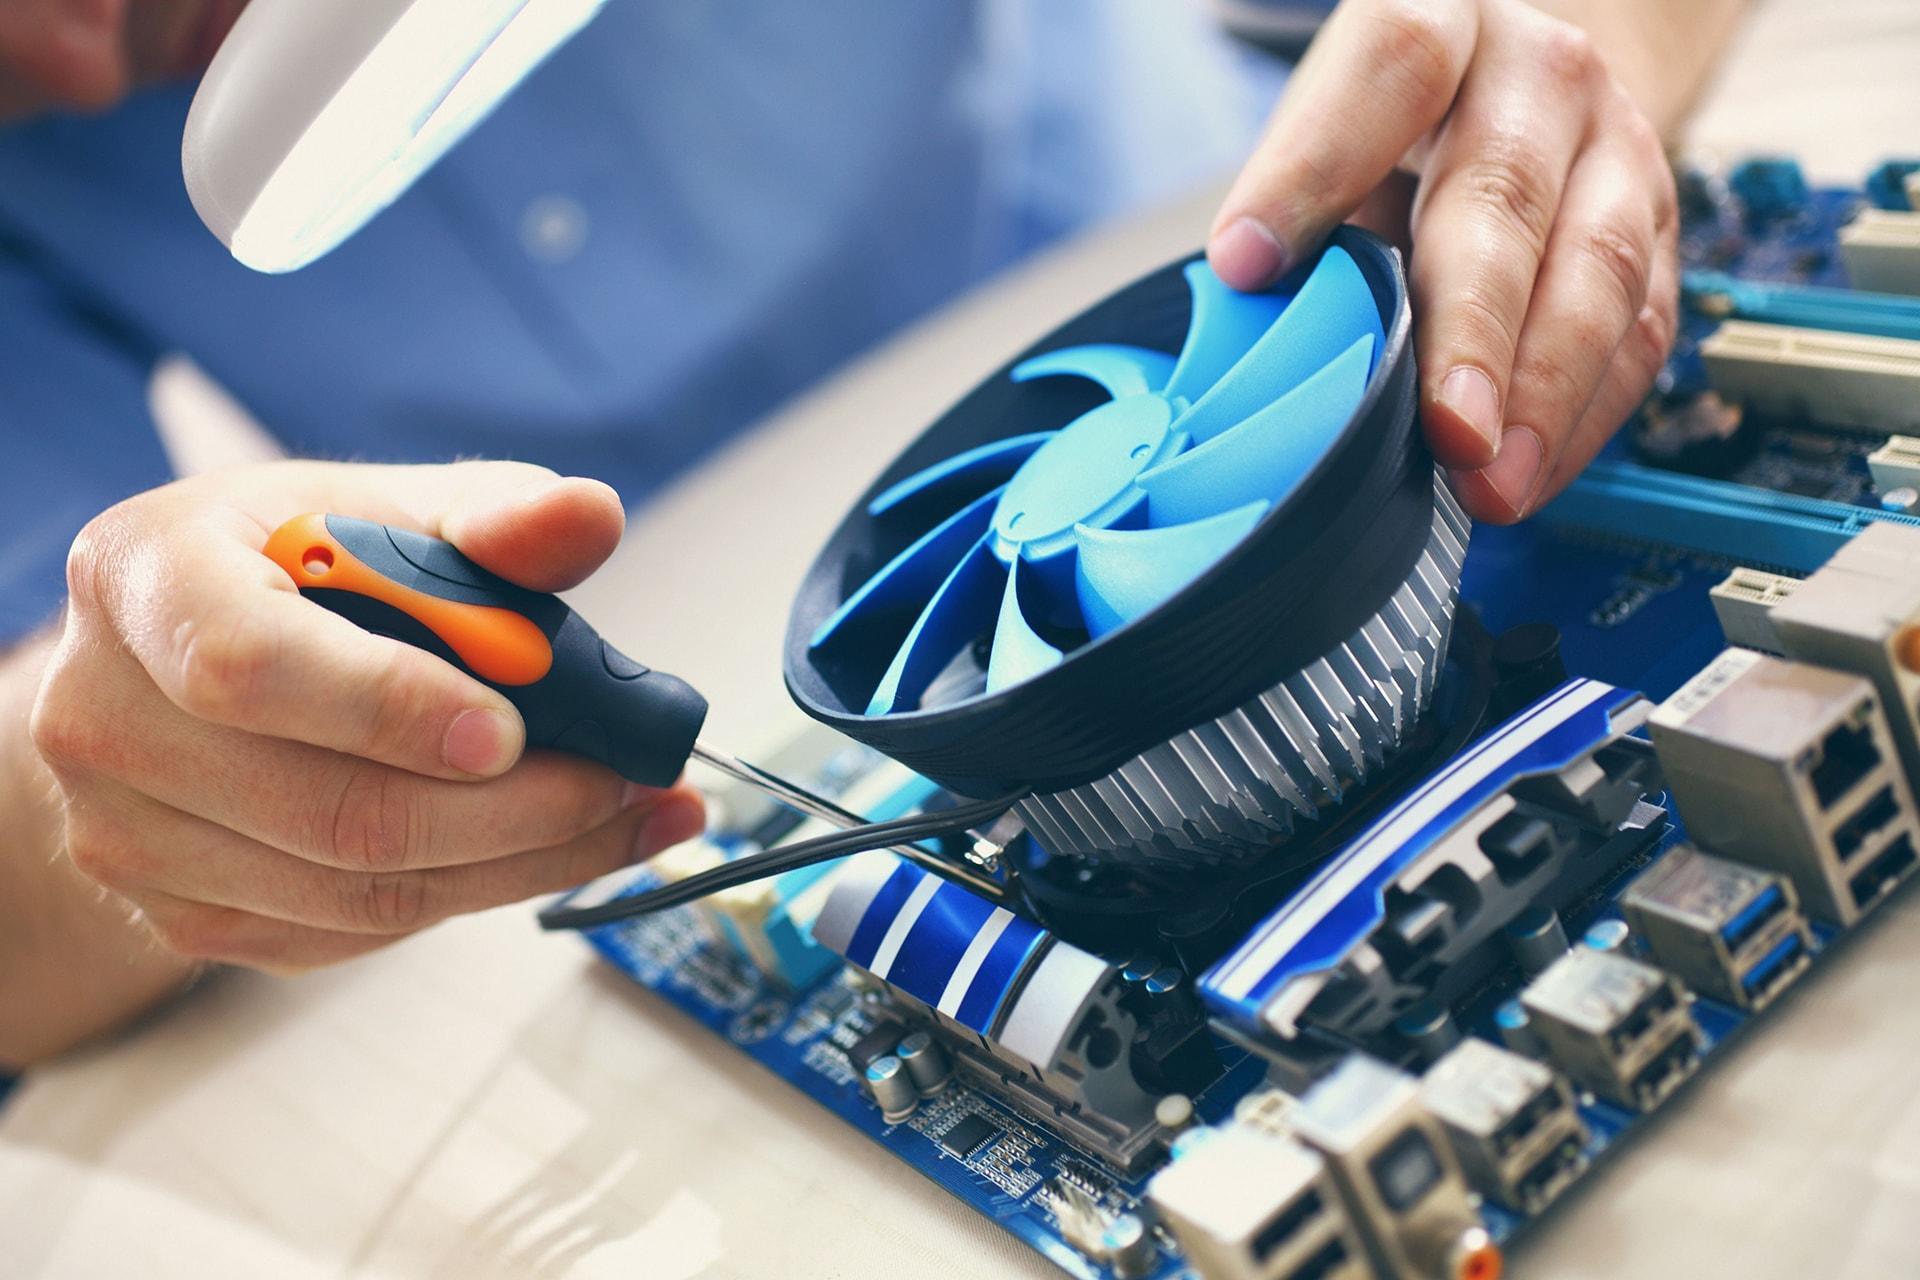 Computer Reparatie Hulp Aan Huis